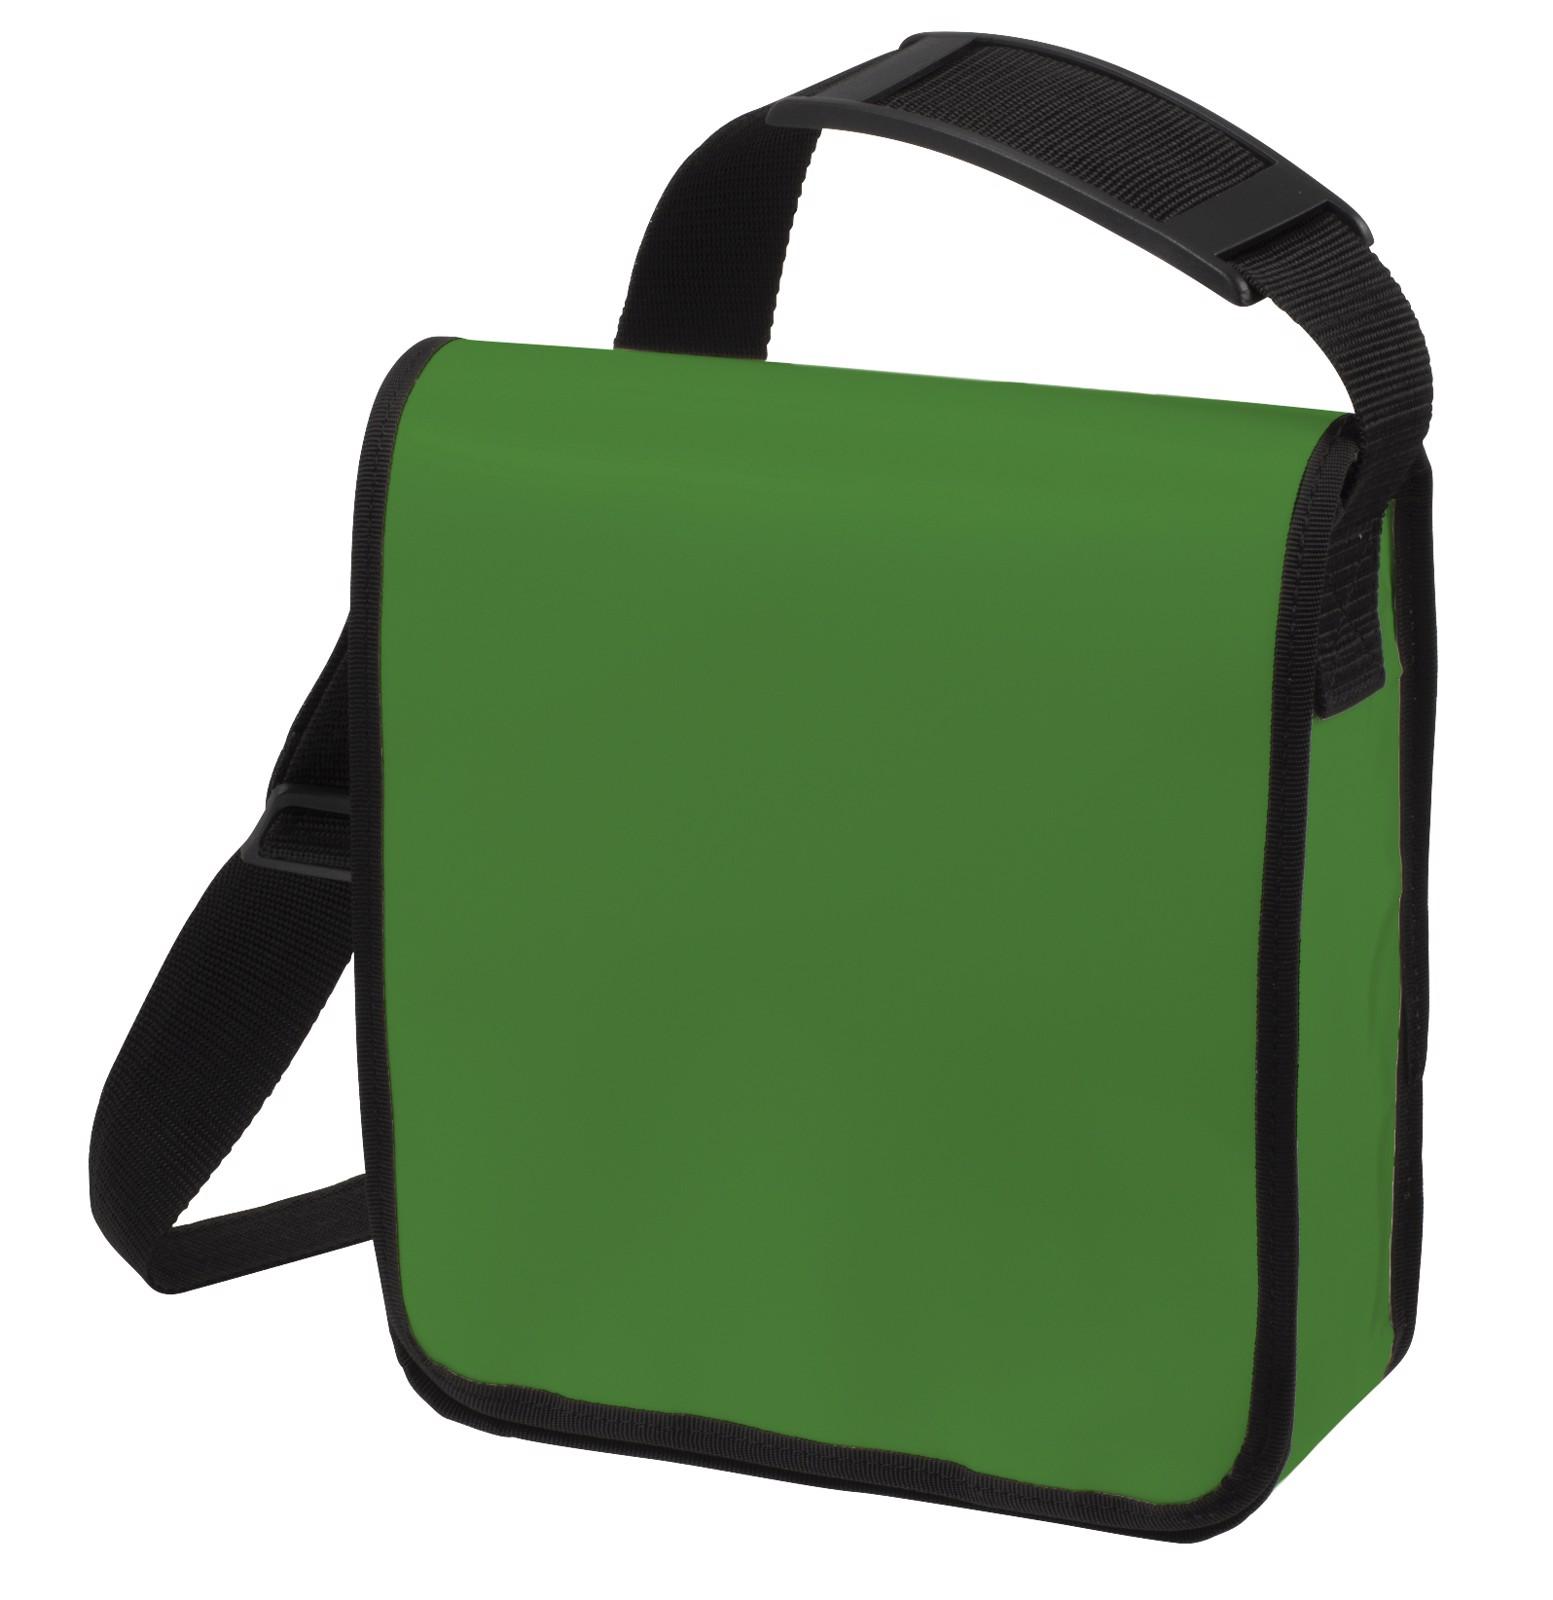 Lorrybag® S Originál 1 - Smaragdově Zelený